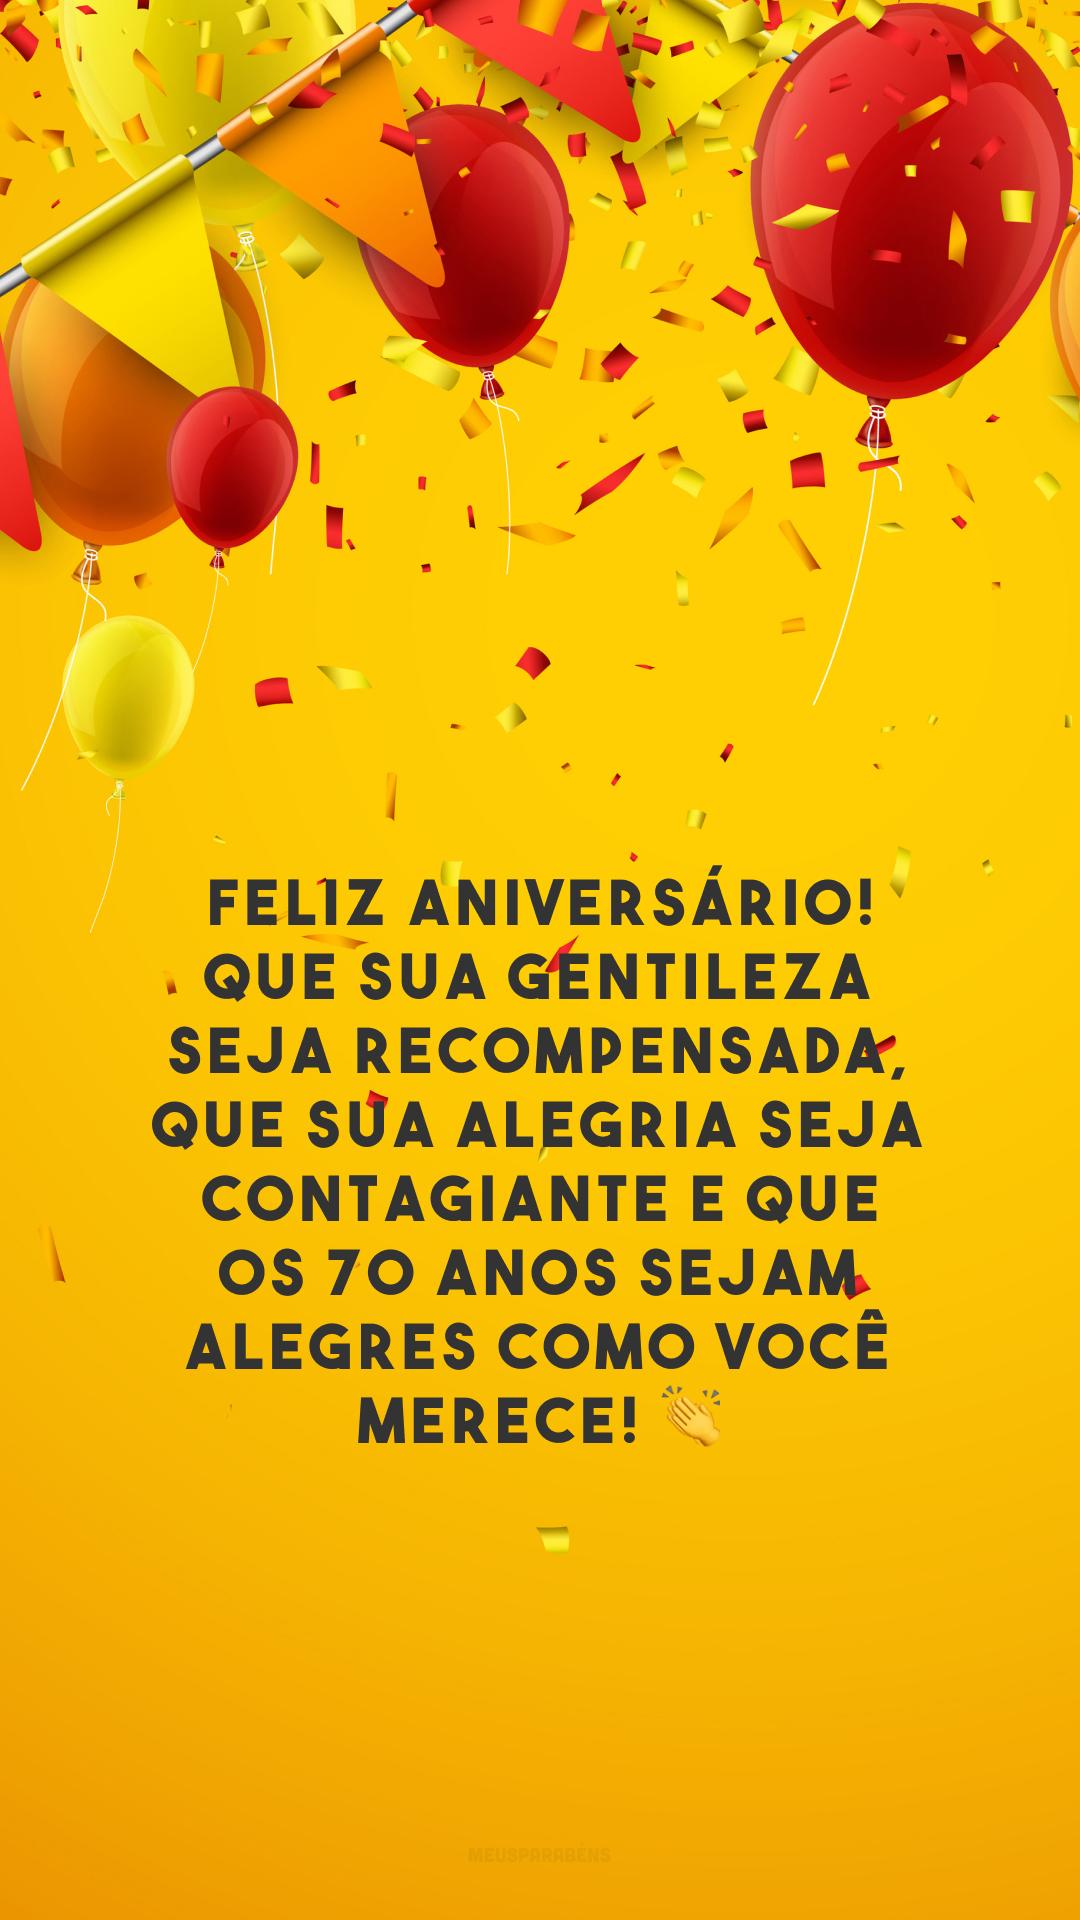 Feliz aniversário! Que sua gentileza seja recompensada, que sua alegria seja contagiante e que os 70 anos sejam alegres como você merece! 👏